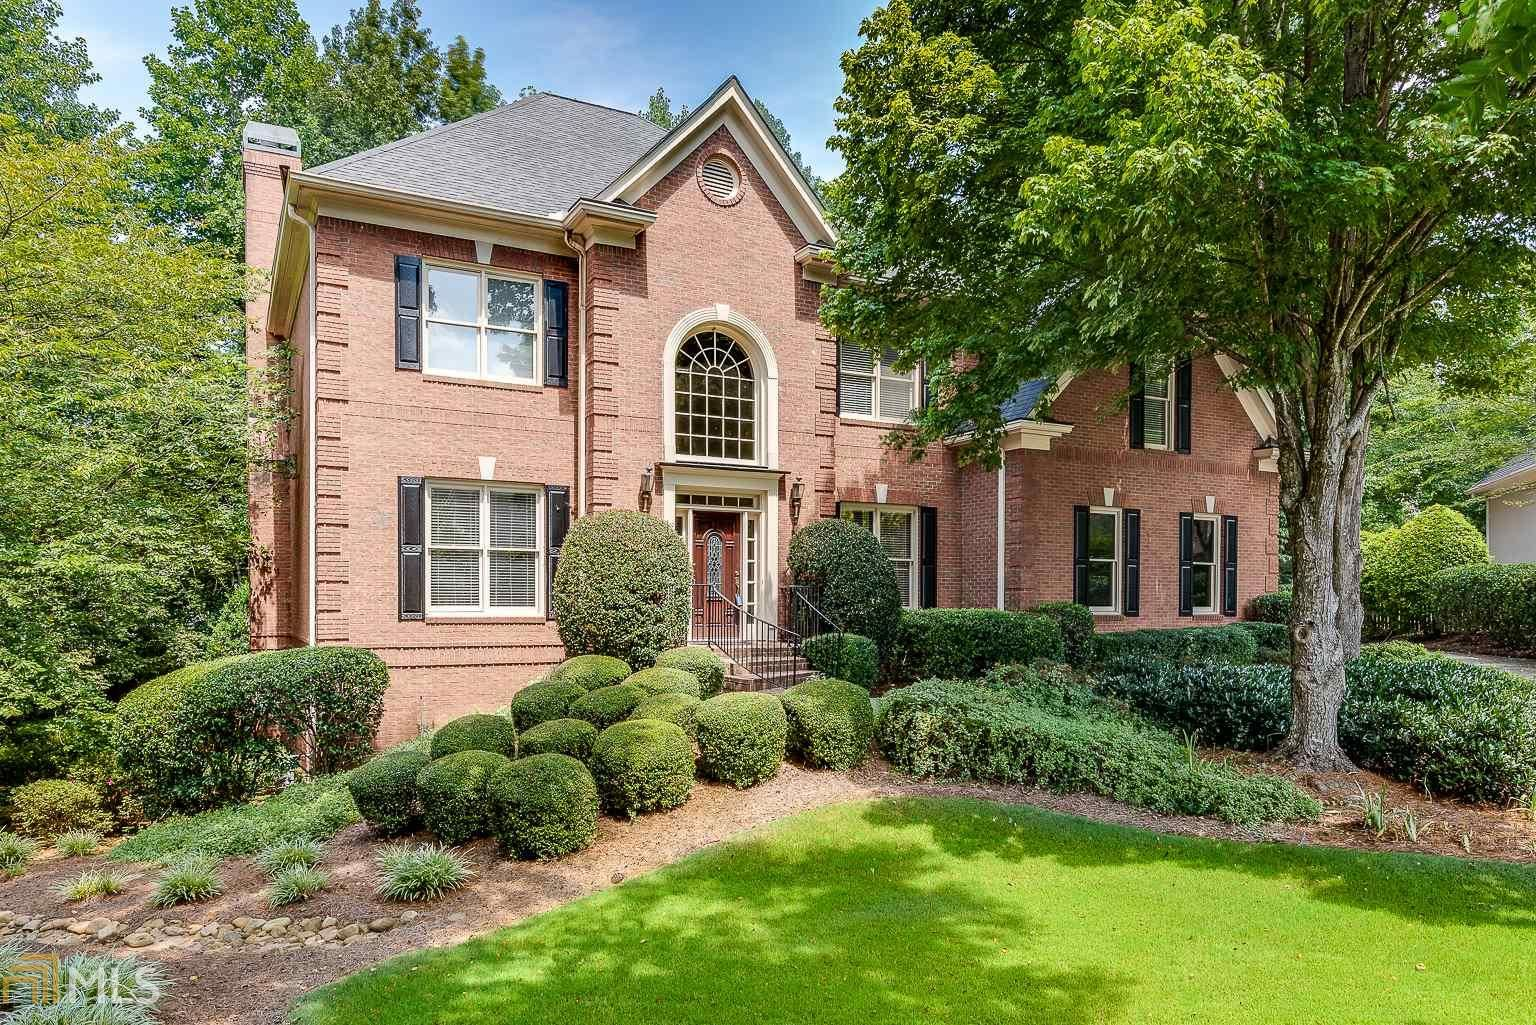 220 Magnolia Blossom Ter, Johns Creek, GA 30005 - MLS#: 8841801